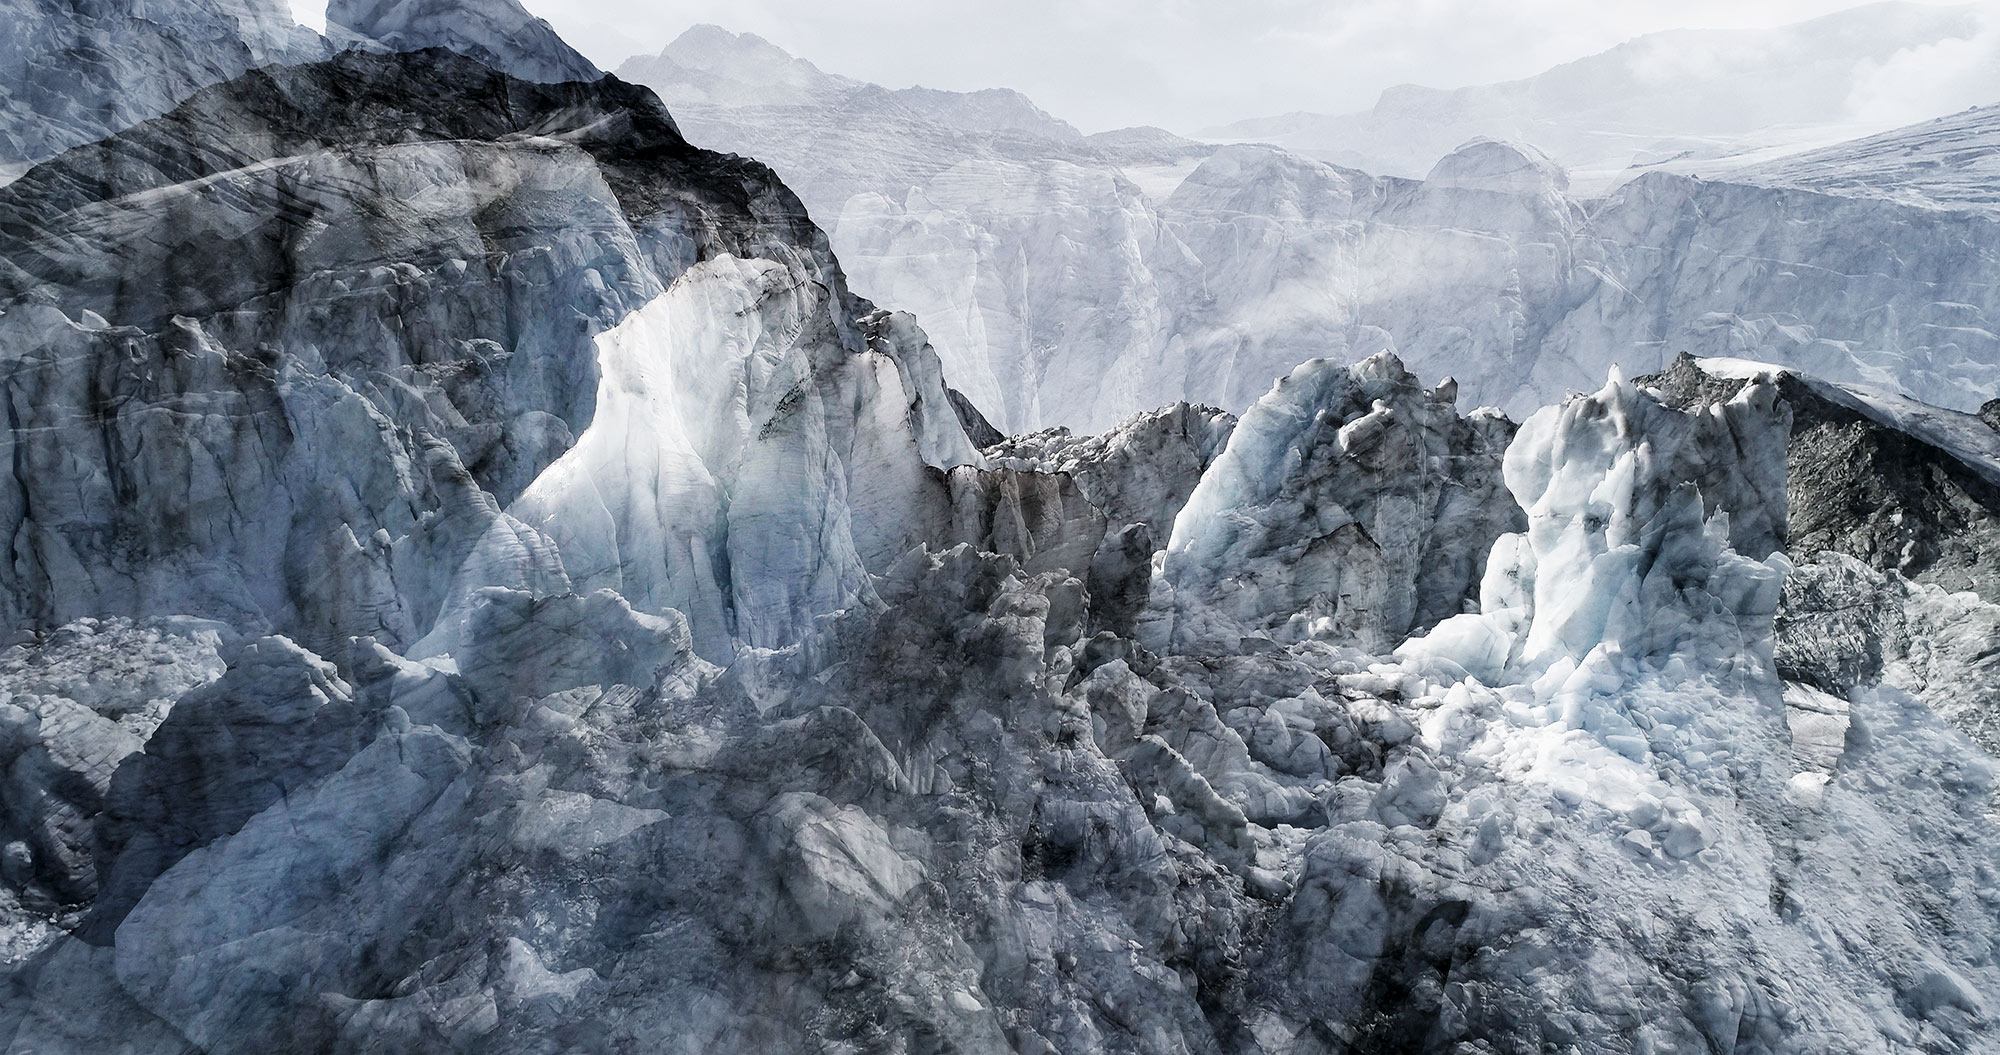 #63 Glaciers offset, 2017, photographie reconstruite à partir de bandes videos, réalisées sur les glaciers de Moiry et Ferpècle  #63 Glaciers offset, 2017, photographie reconstruite à partir de bandes videos, réalisées sur les glaciers de Moiry et Ferpècle